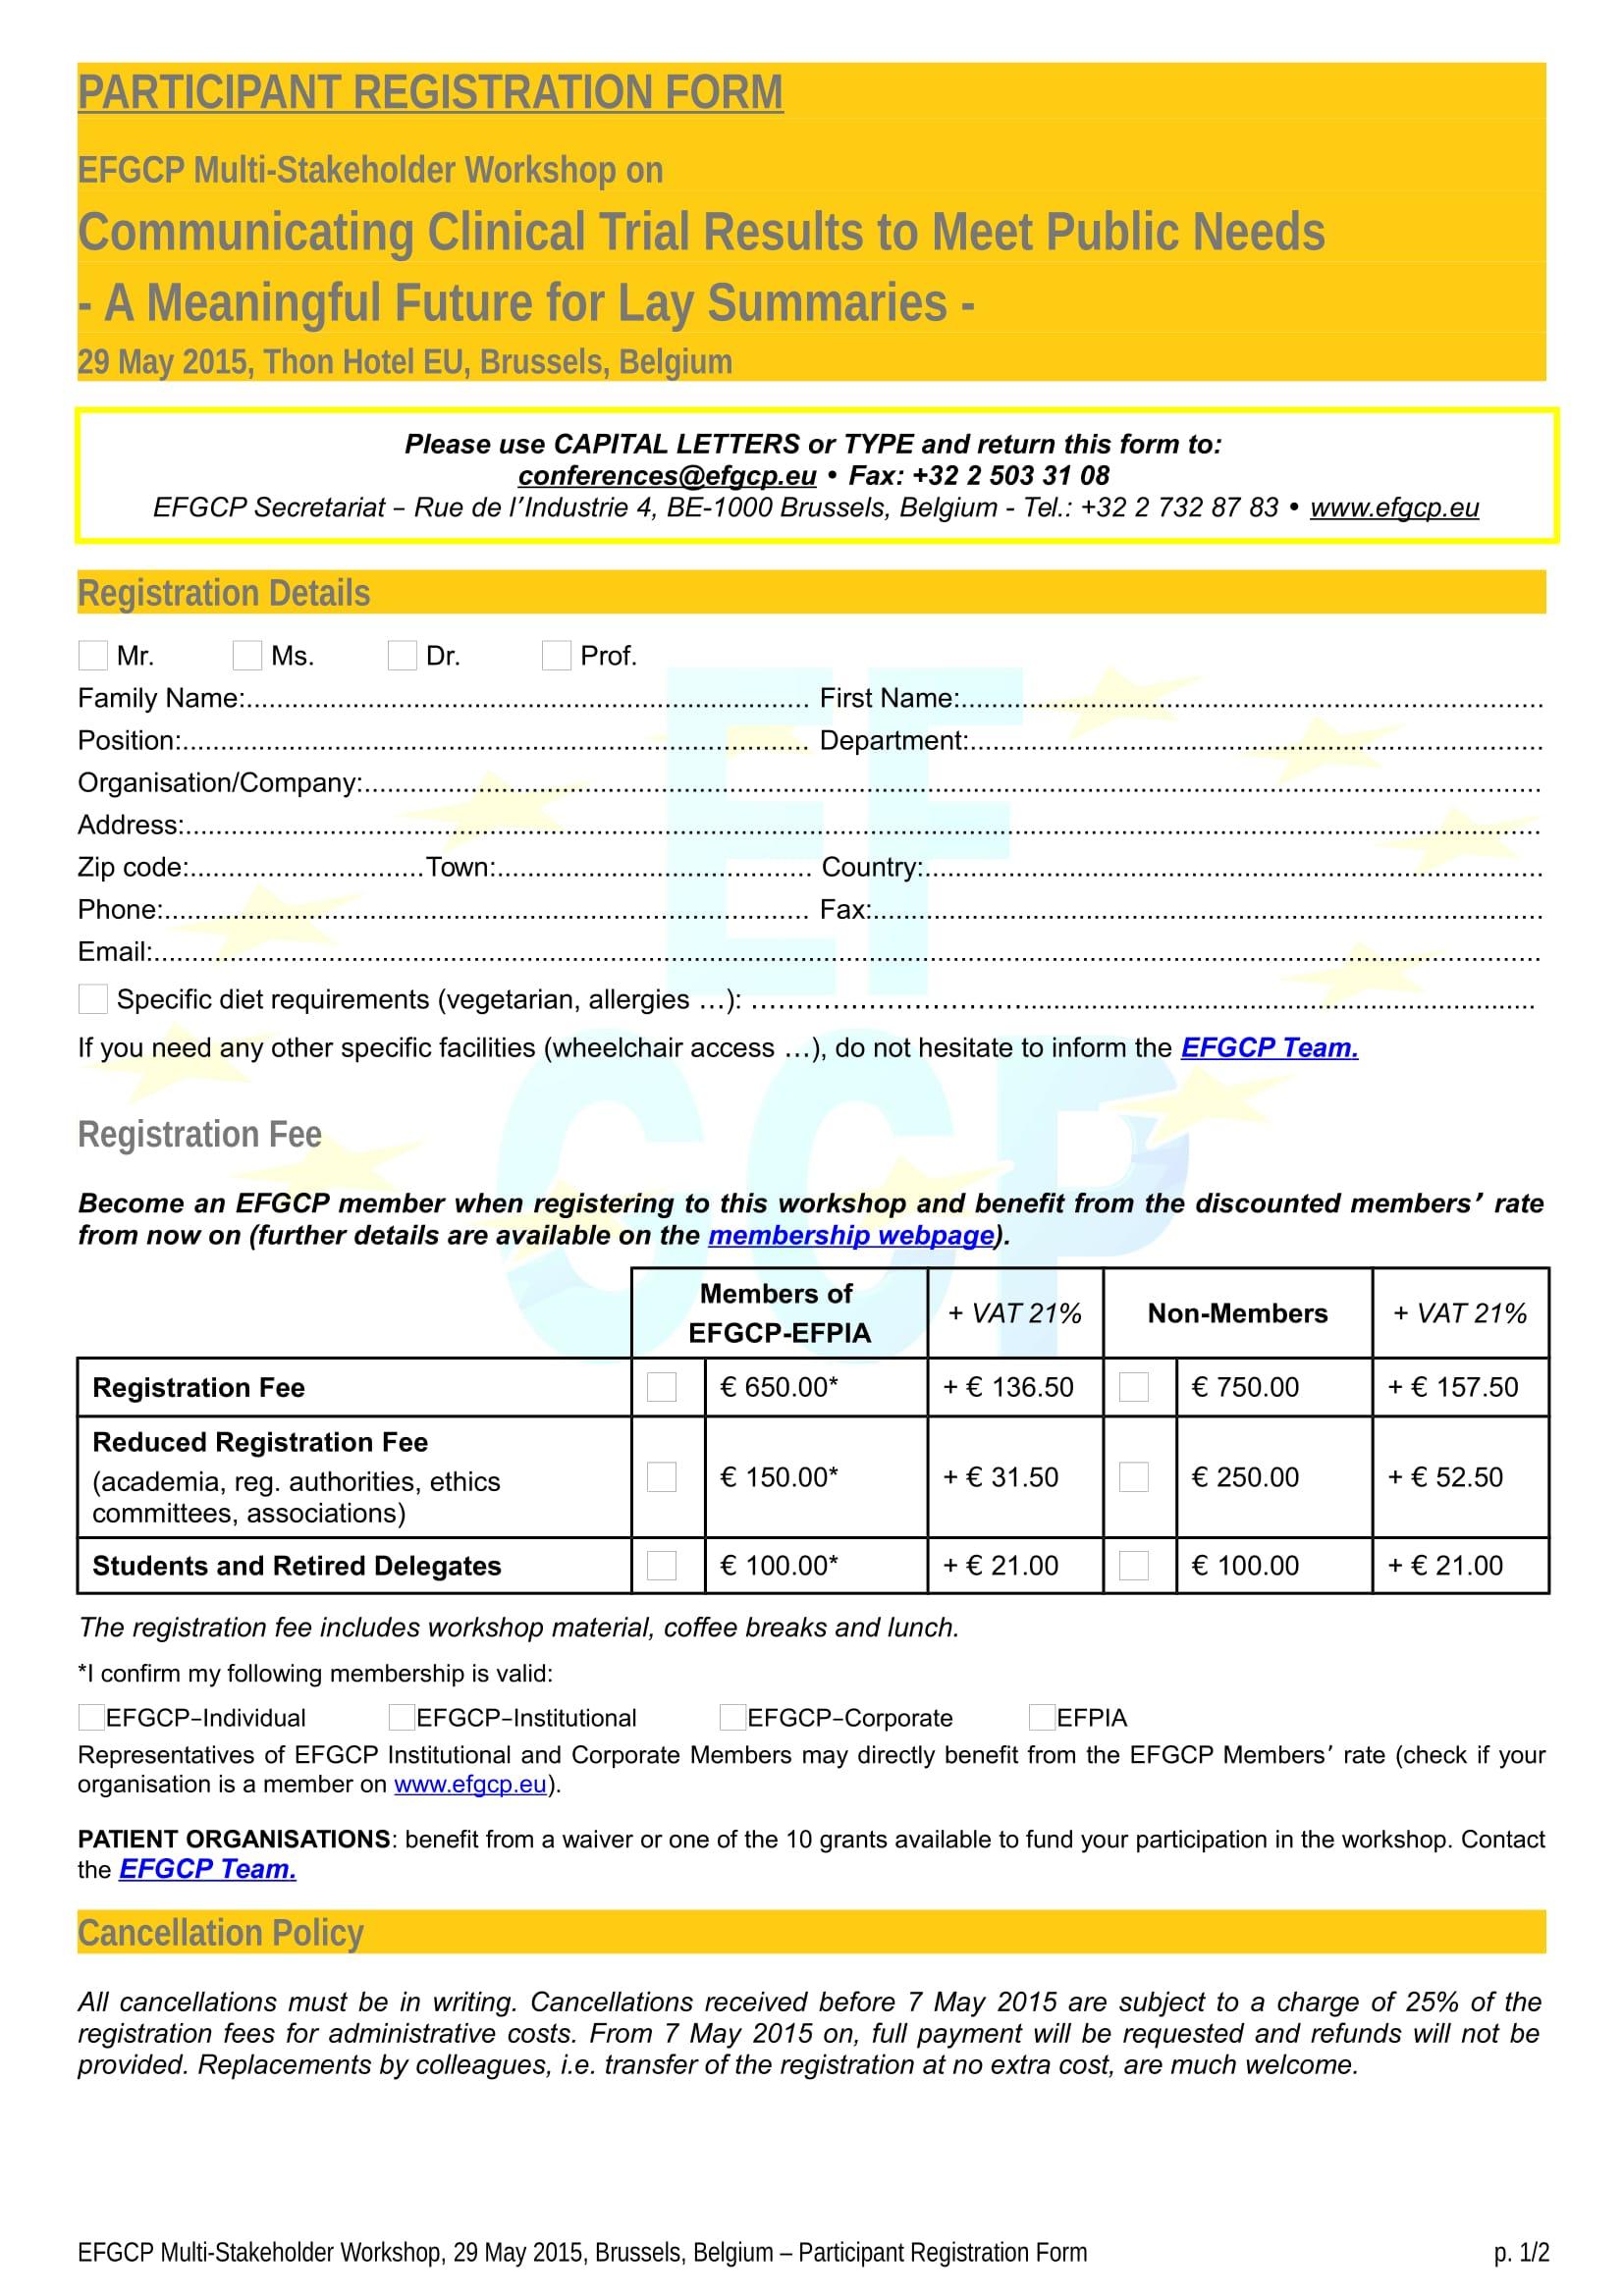 event participant registration form 1